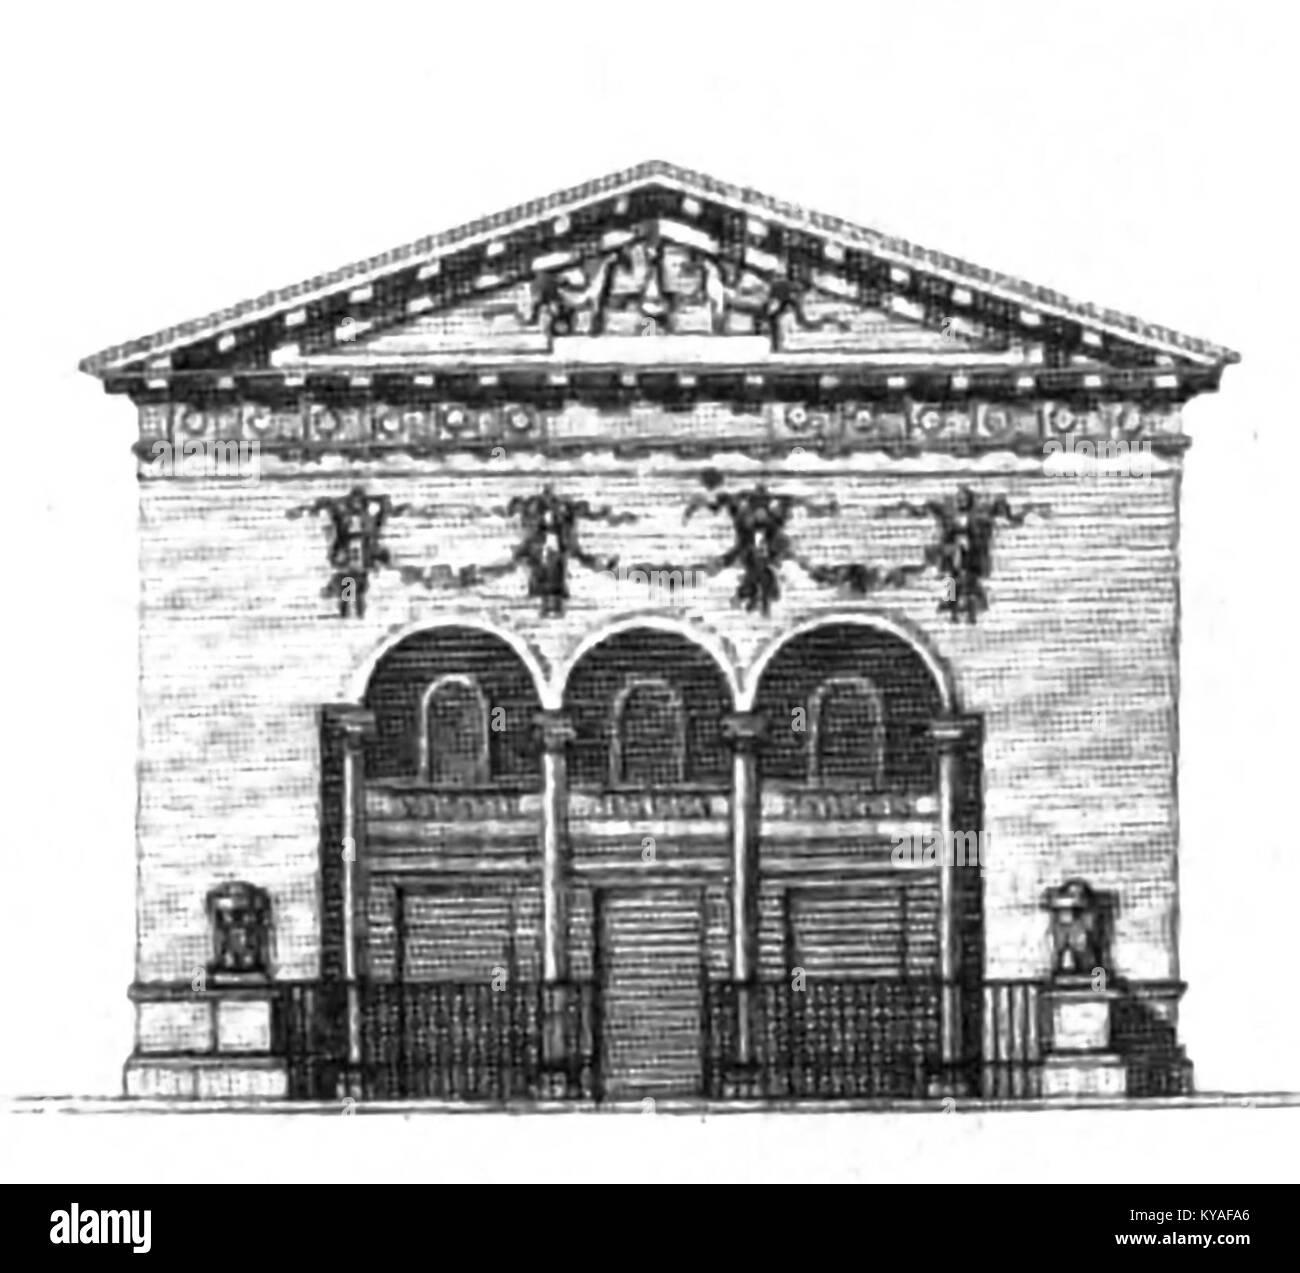 Théâtre des Jeunes Artistes - Kaufmann 1837 plate5 (elevation) - Stock Image